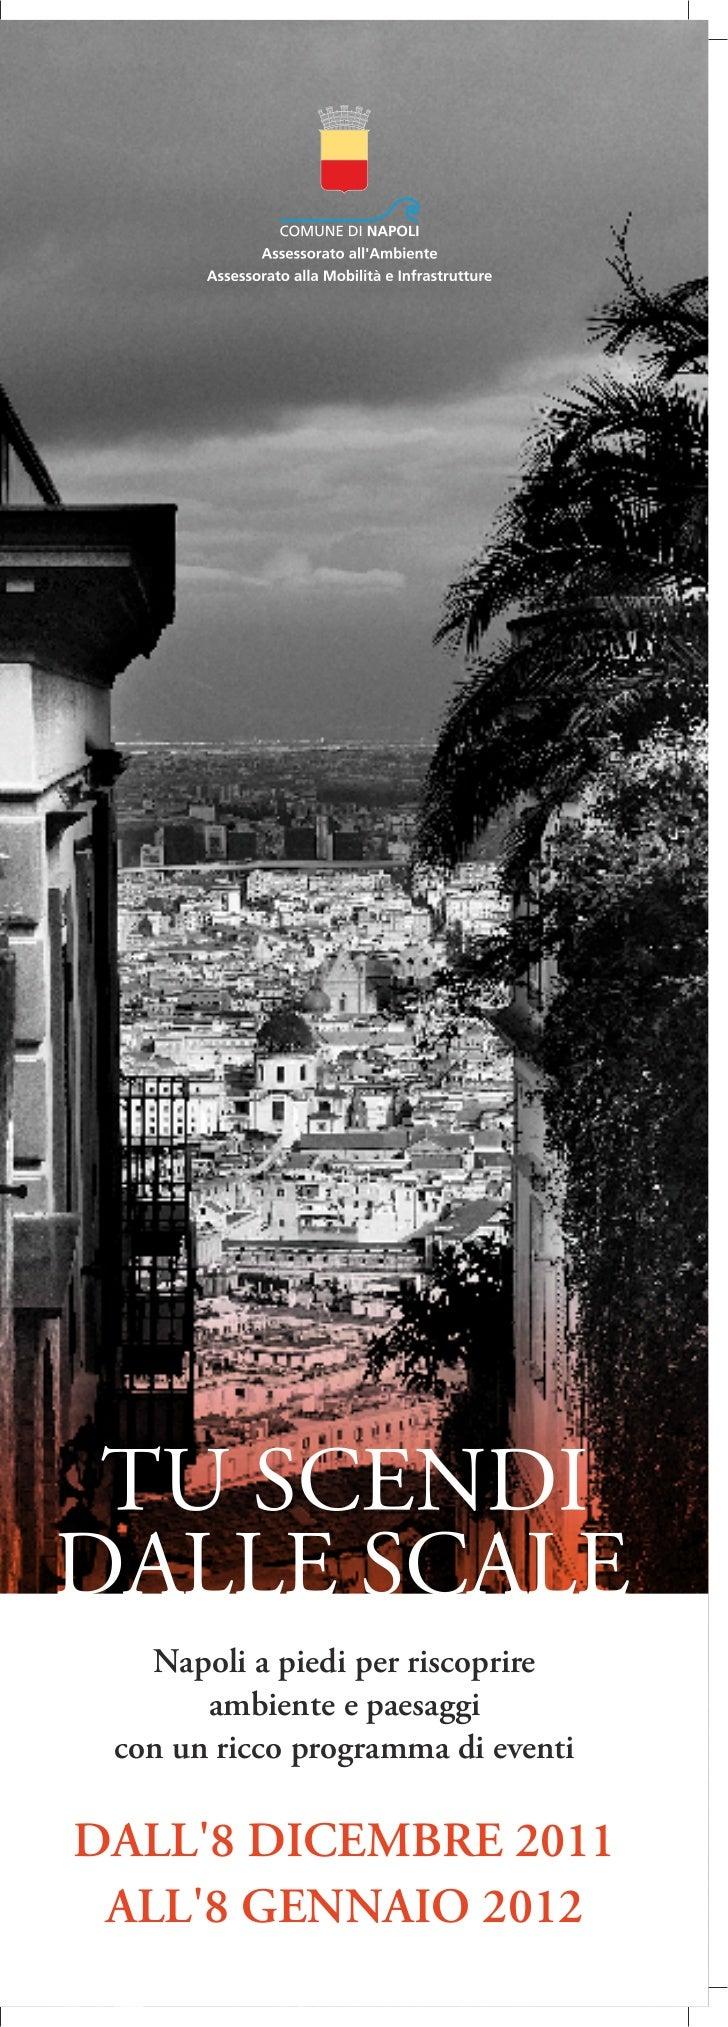 Napoli a.piedi per riscoprire       ambiente.e paesaggi con un ricco.programma di eventiDALL8 DICEMBRE 2011 ALL8 GENNAIO 2...